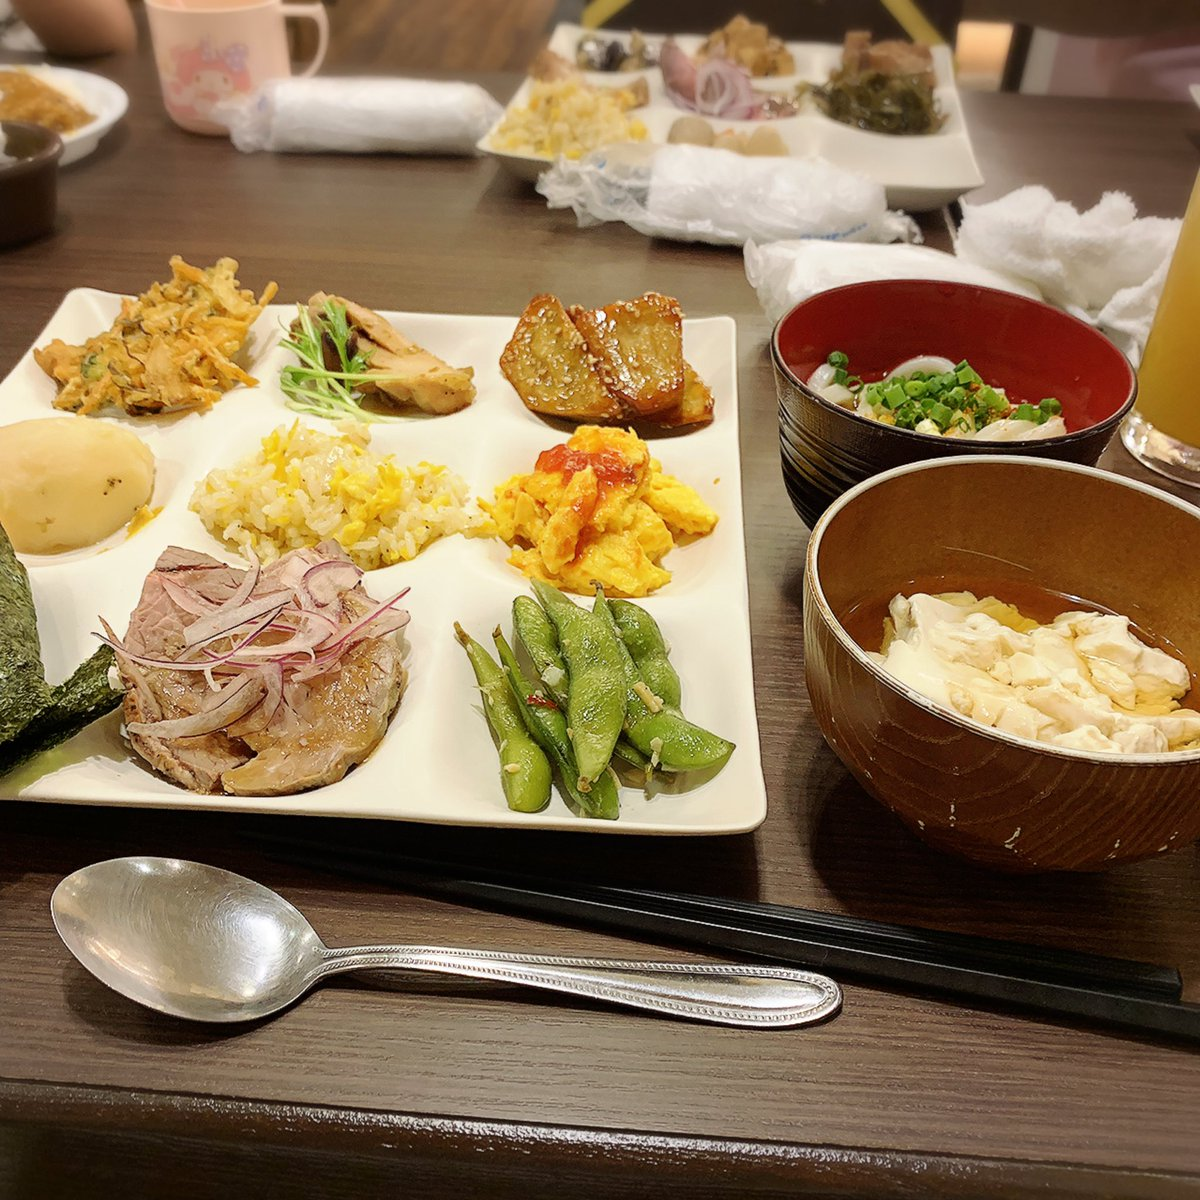 #こんばんは #父の日ディナー 🍽 子供たちの食べれるのはあまりなかった🤫 #だいこんの花 #instagood #健康的な食事 #ビュッフェ #ディナー #日々 #沖縄 #goodtimes #fathersday #dinner #thankyou #food #yummy #okinawa #japan